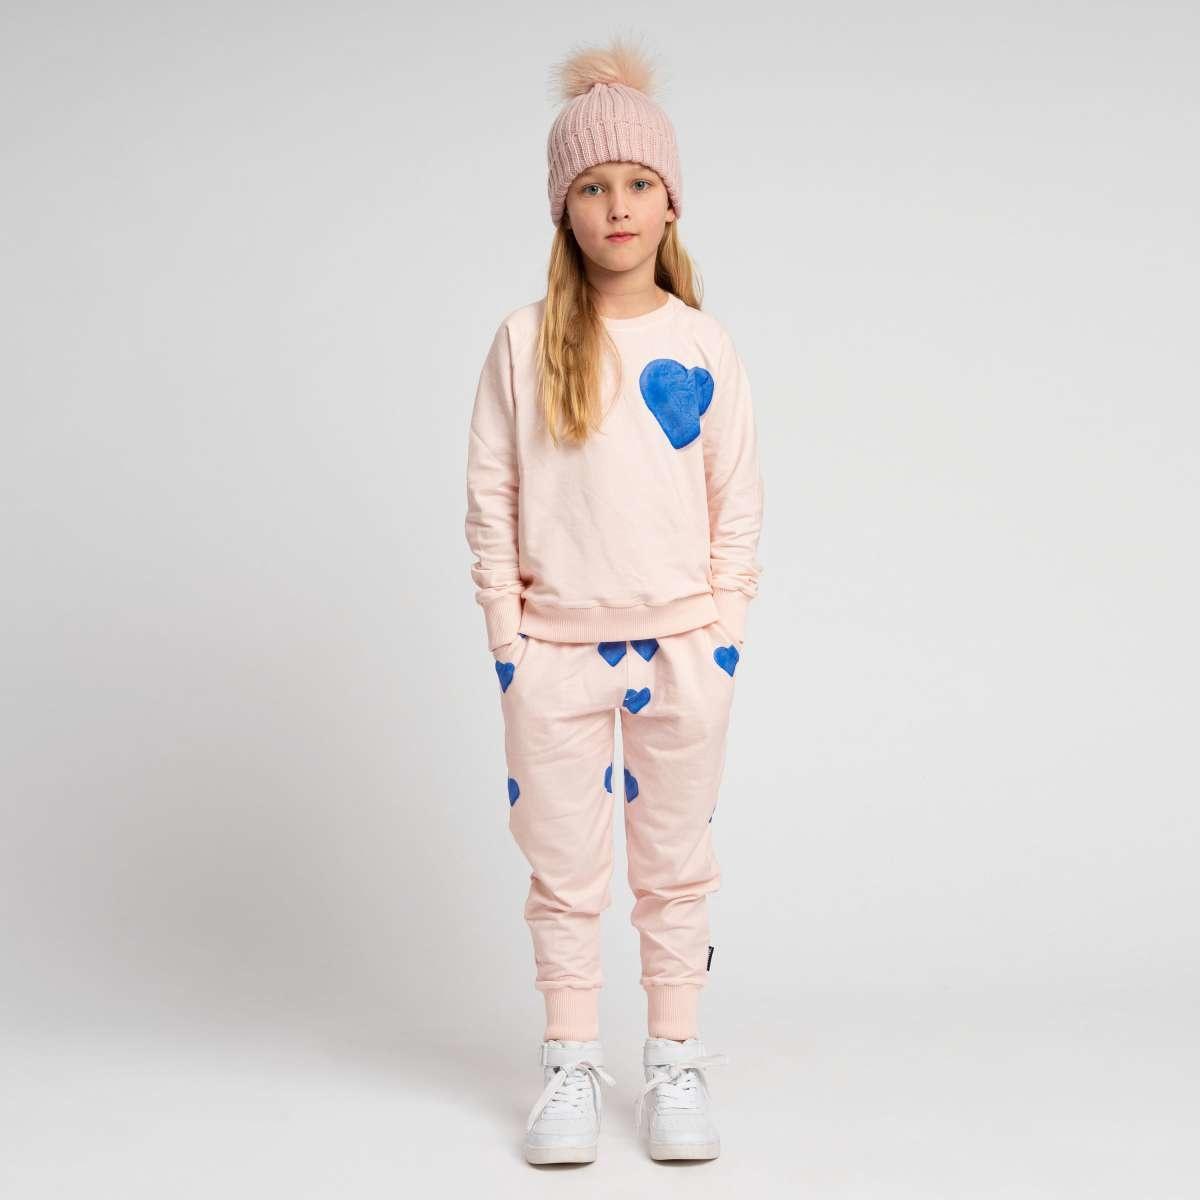 Sweatsuit - Heart -2 pc. - Sz 2-1